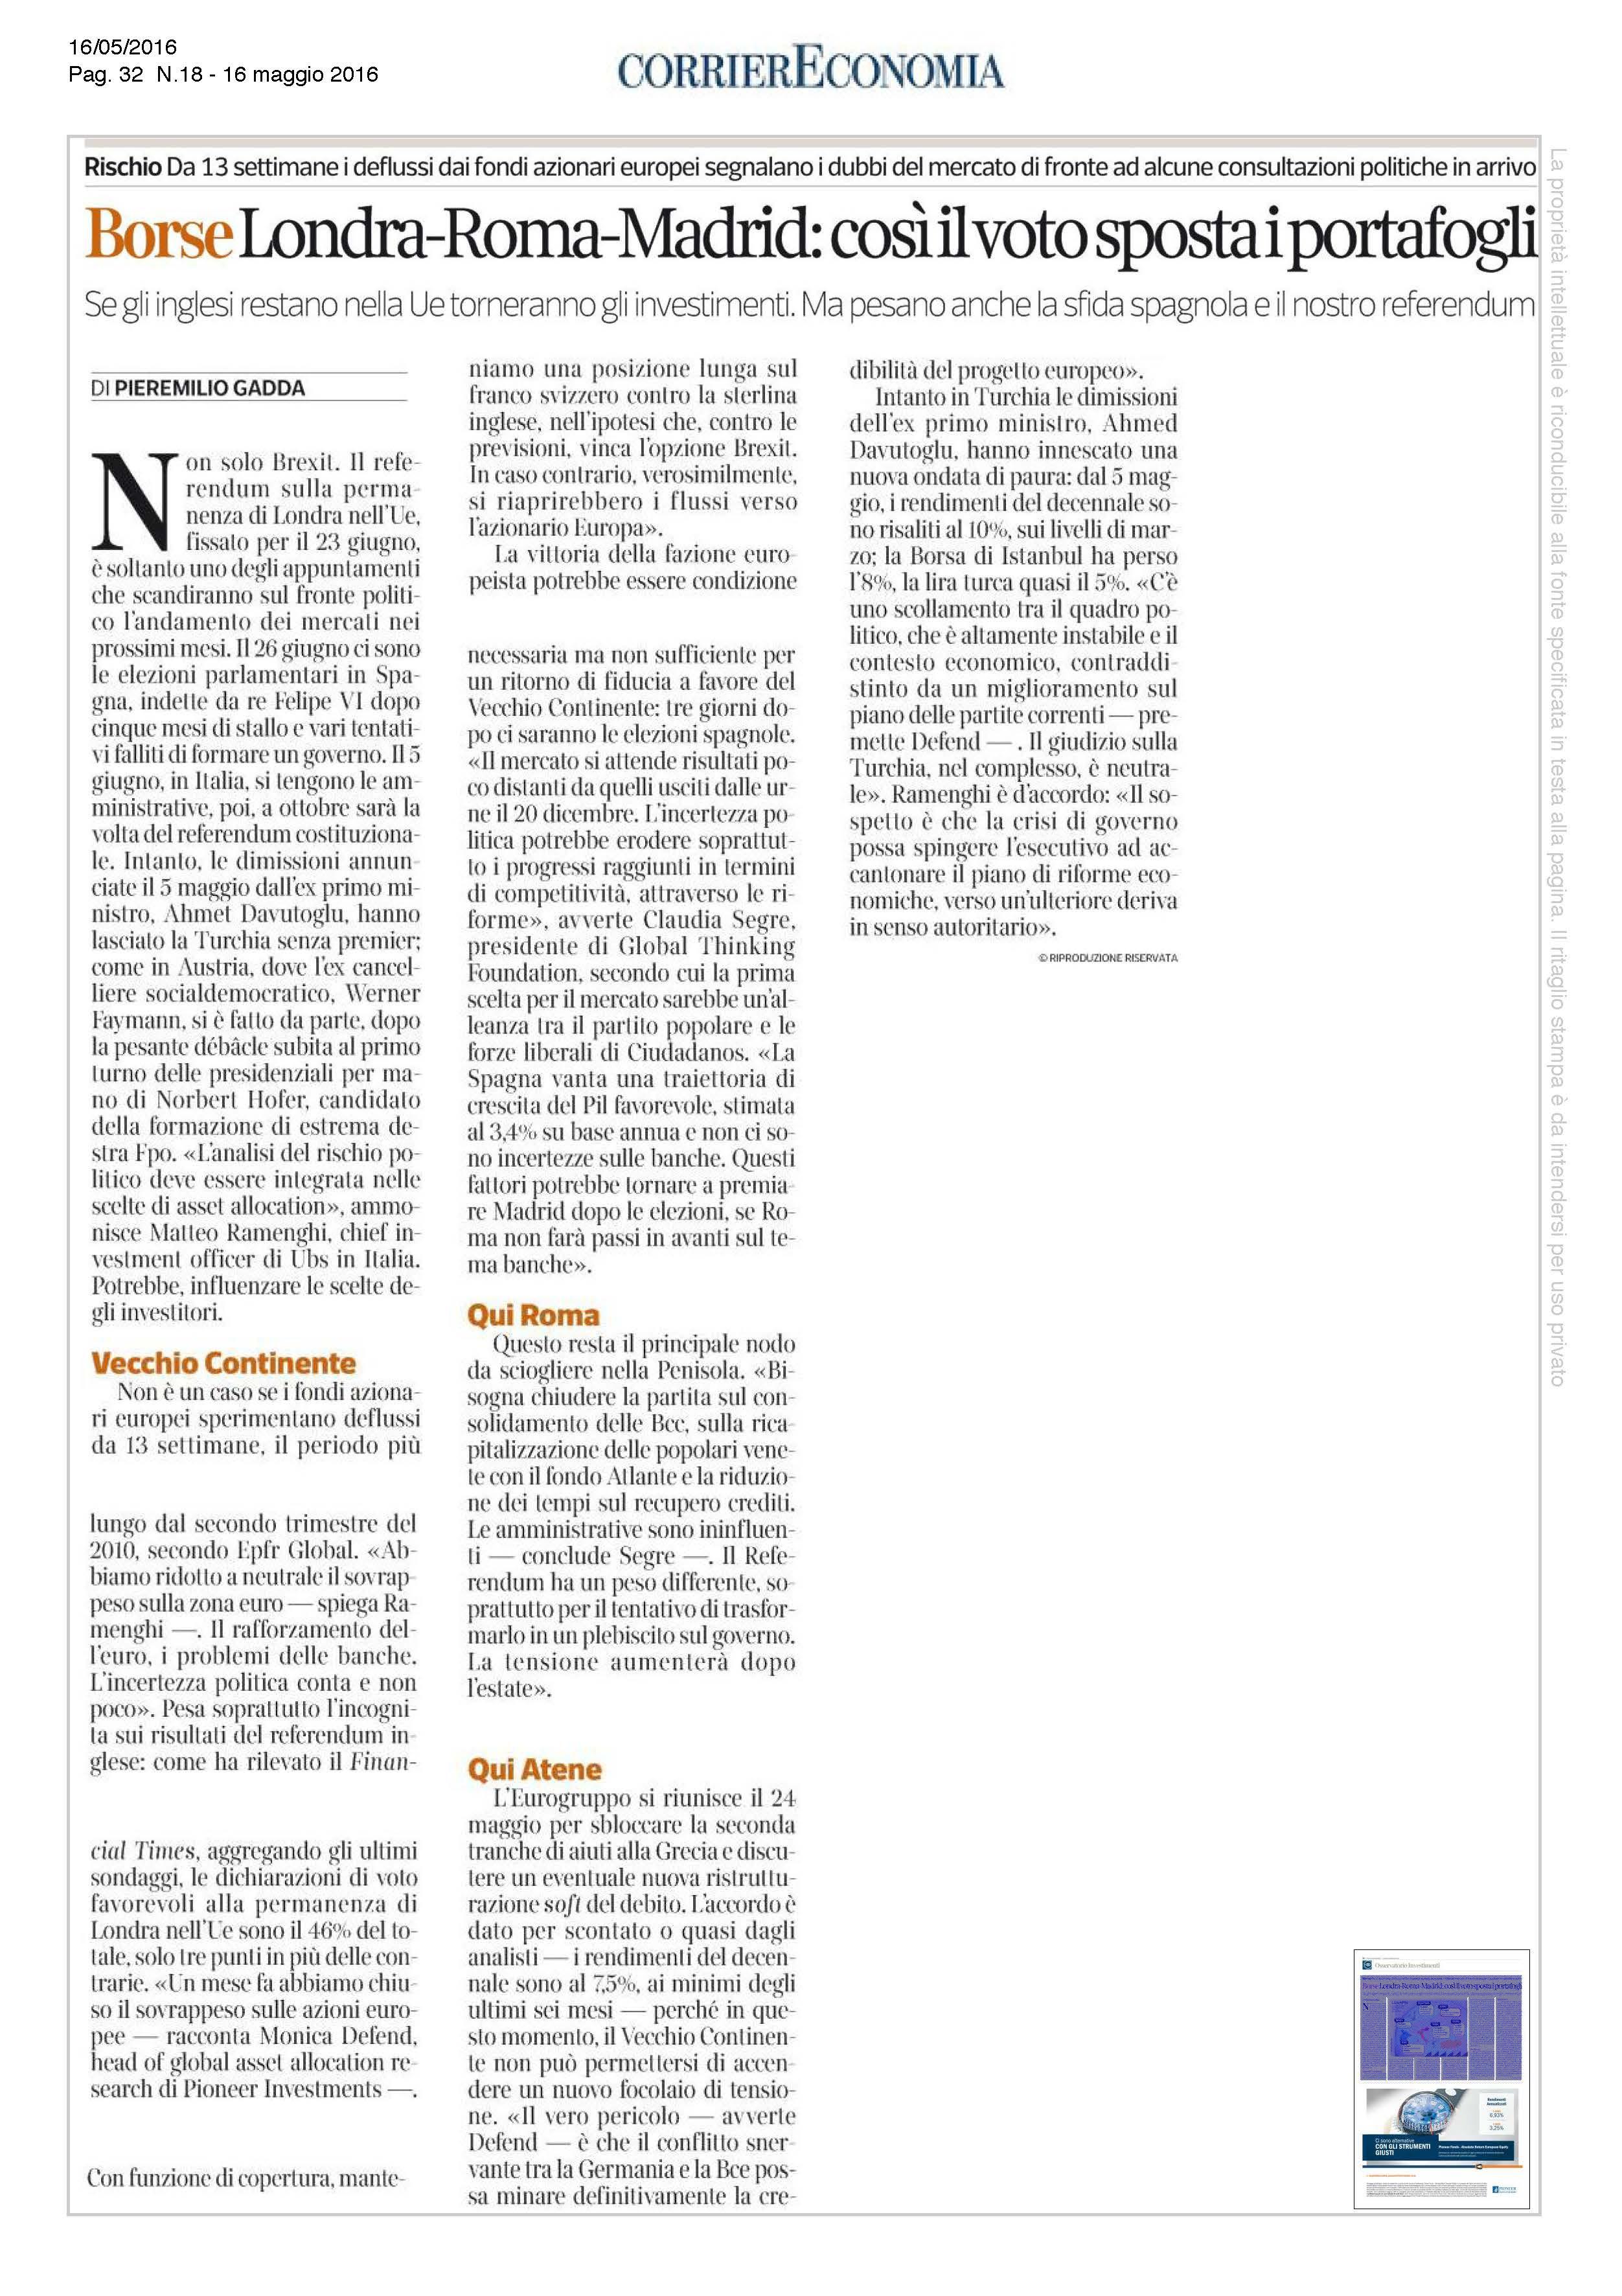 2016-05-16 CorrierEconomia_Pagina_1